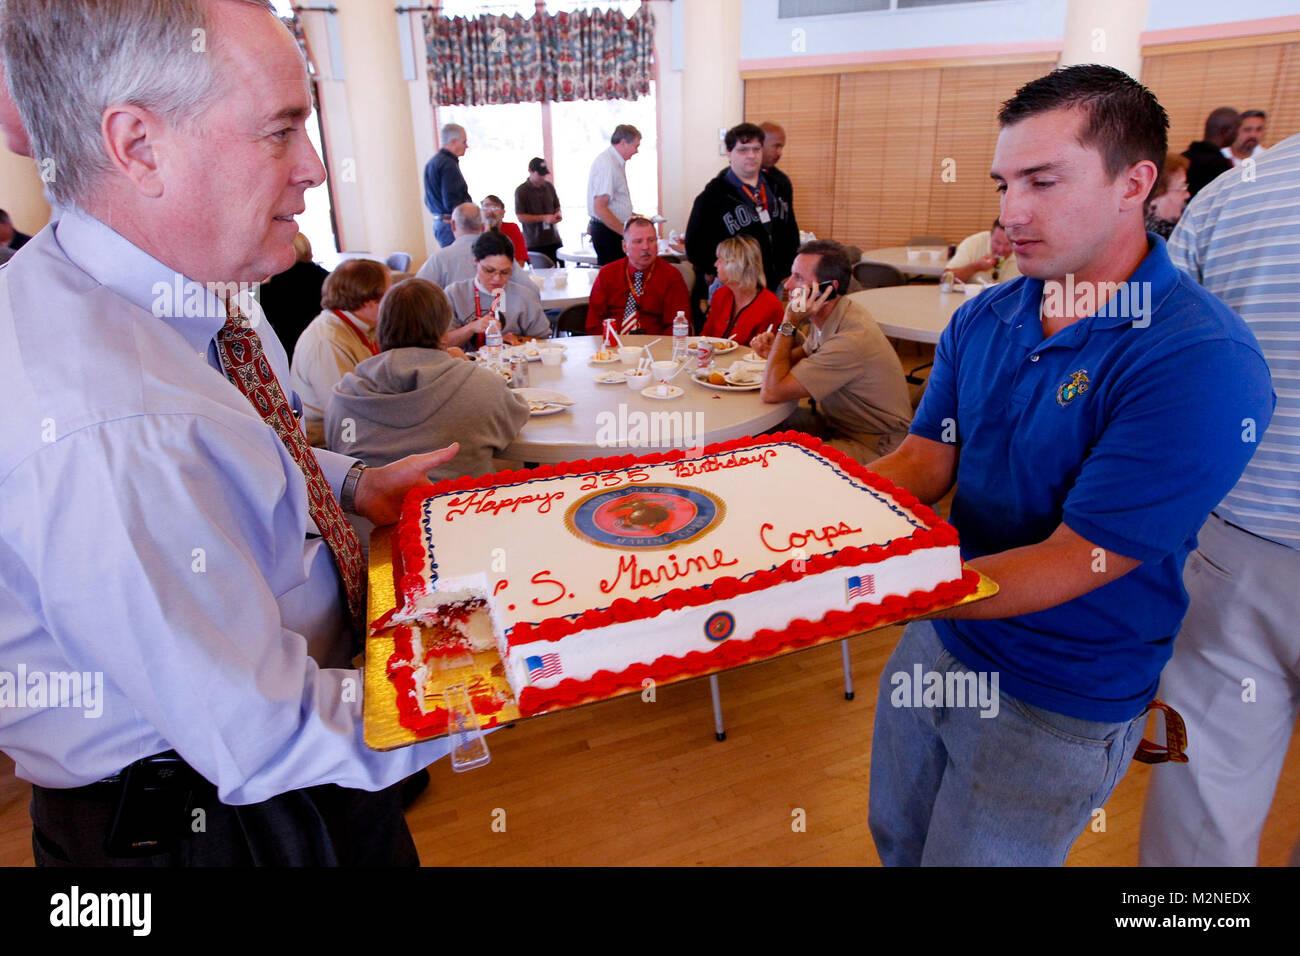 Navy Birthday Cake Cutting Ceremony Veterans Day